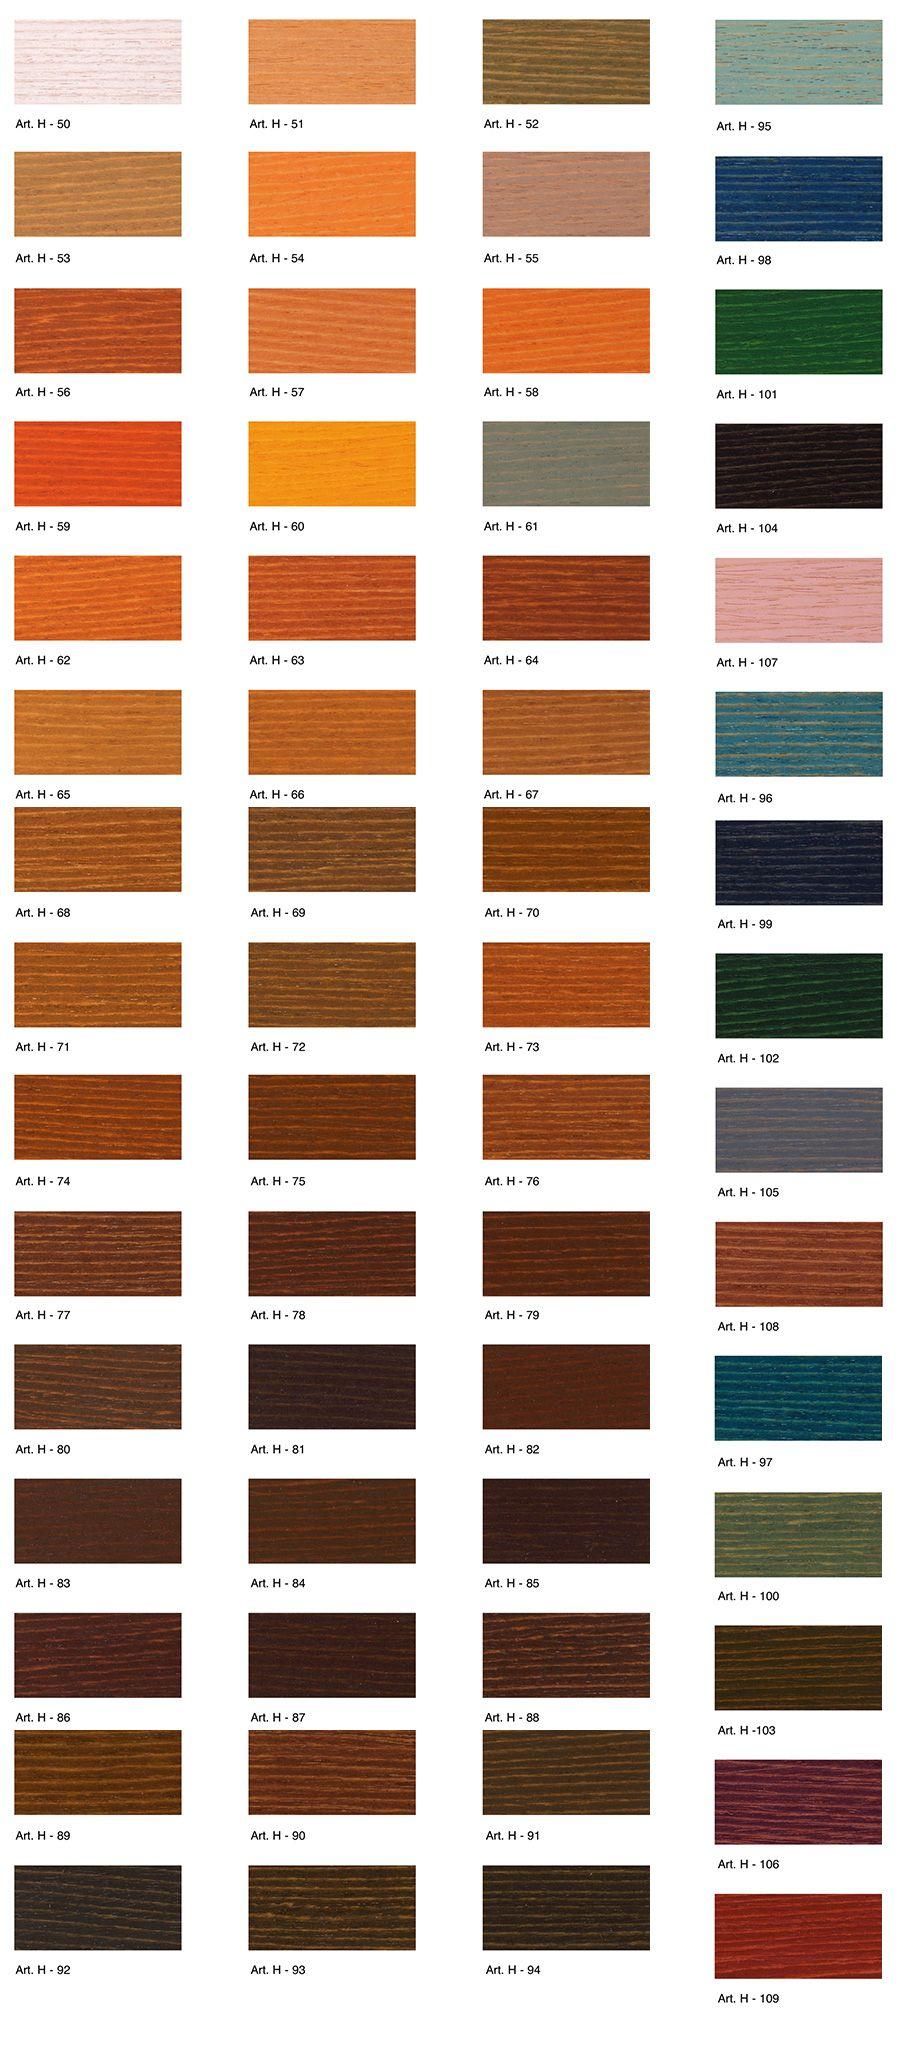 hidrowood-colors